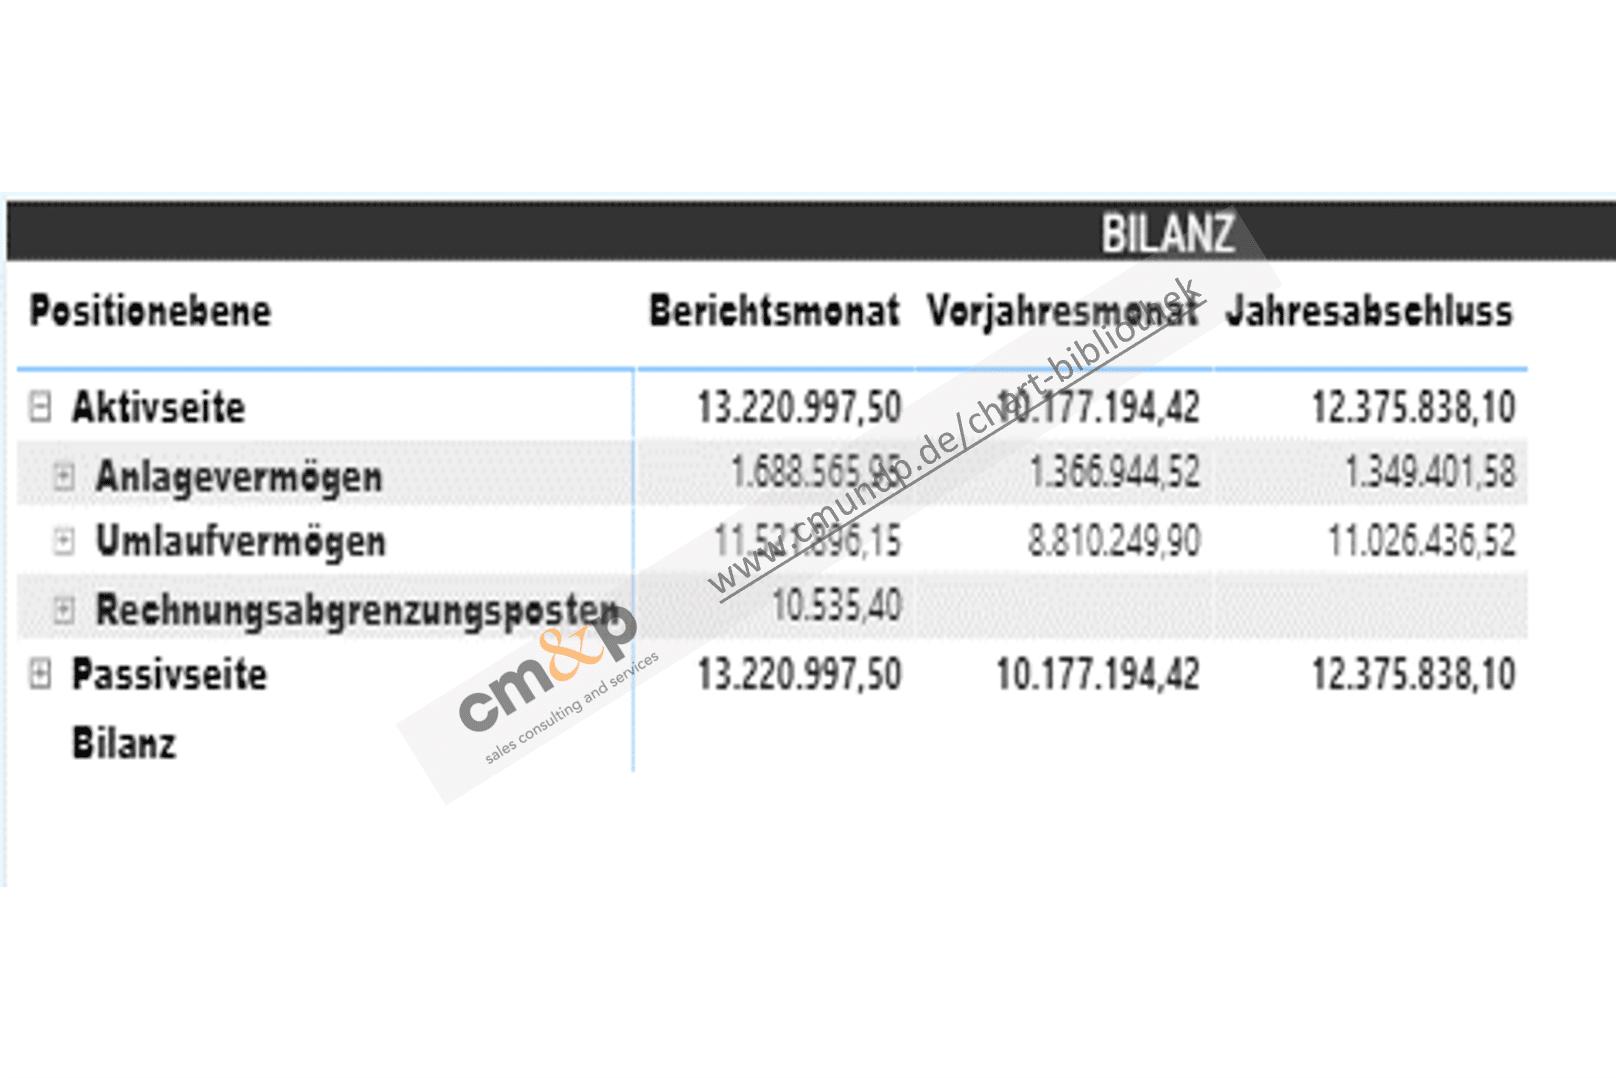 Tabellarische Darstellung der Bilanz als Monatswerte des Vorjahres und aktuellen Jahres, sowie zum Jahresabschluss, mit Aufklappfunktion bis auf Kontoebene (Zoom-In bzw. Drill-Down-Funktion).